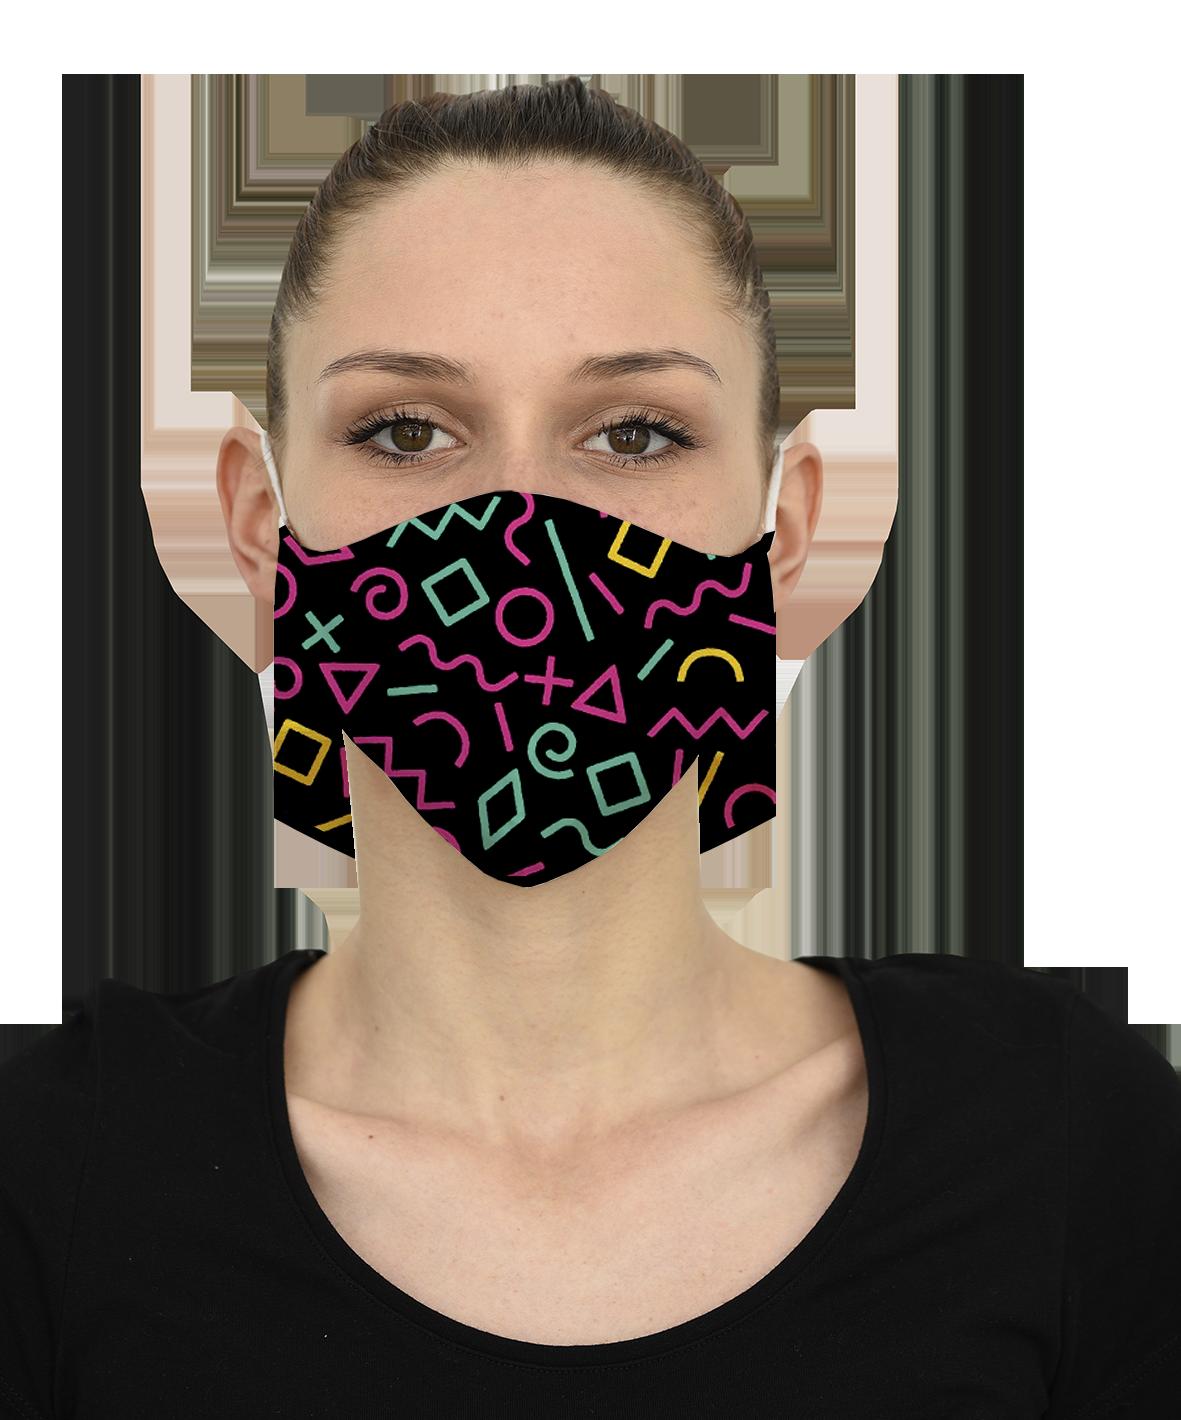 Mască SYNTHWAVE - 29 LEI |  PRINTCENTER - Tipar digital, offset, indoor, outdoor